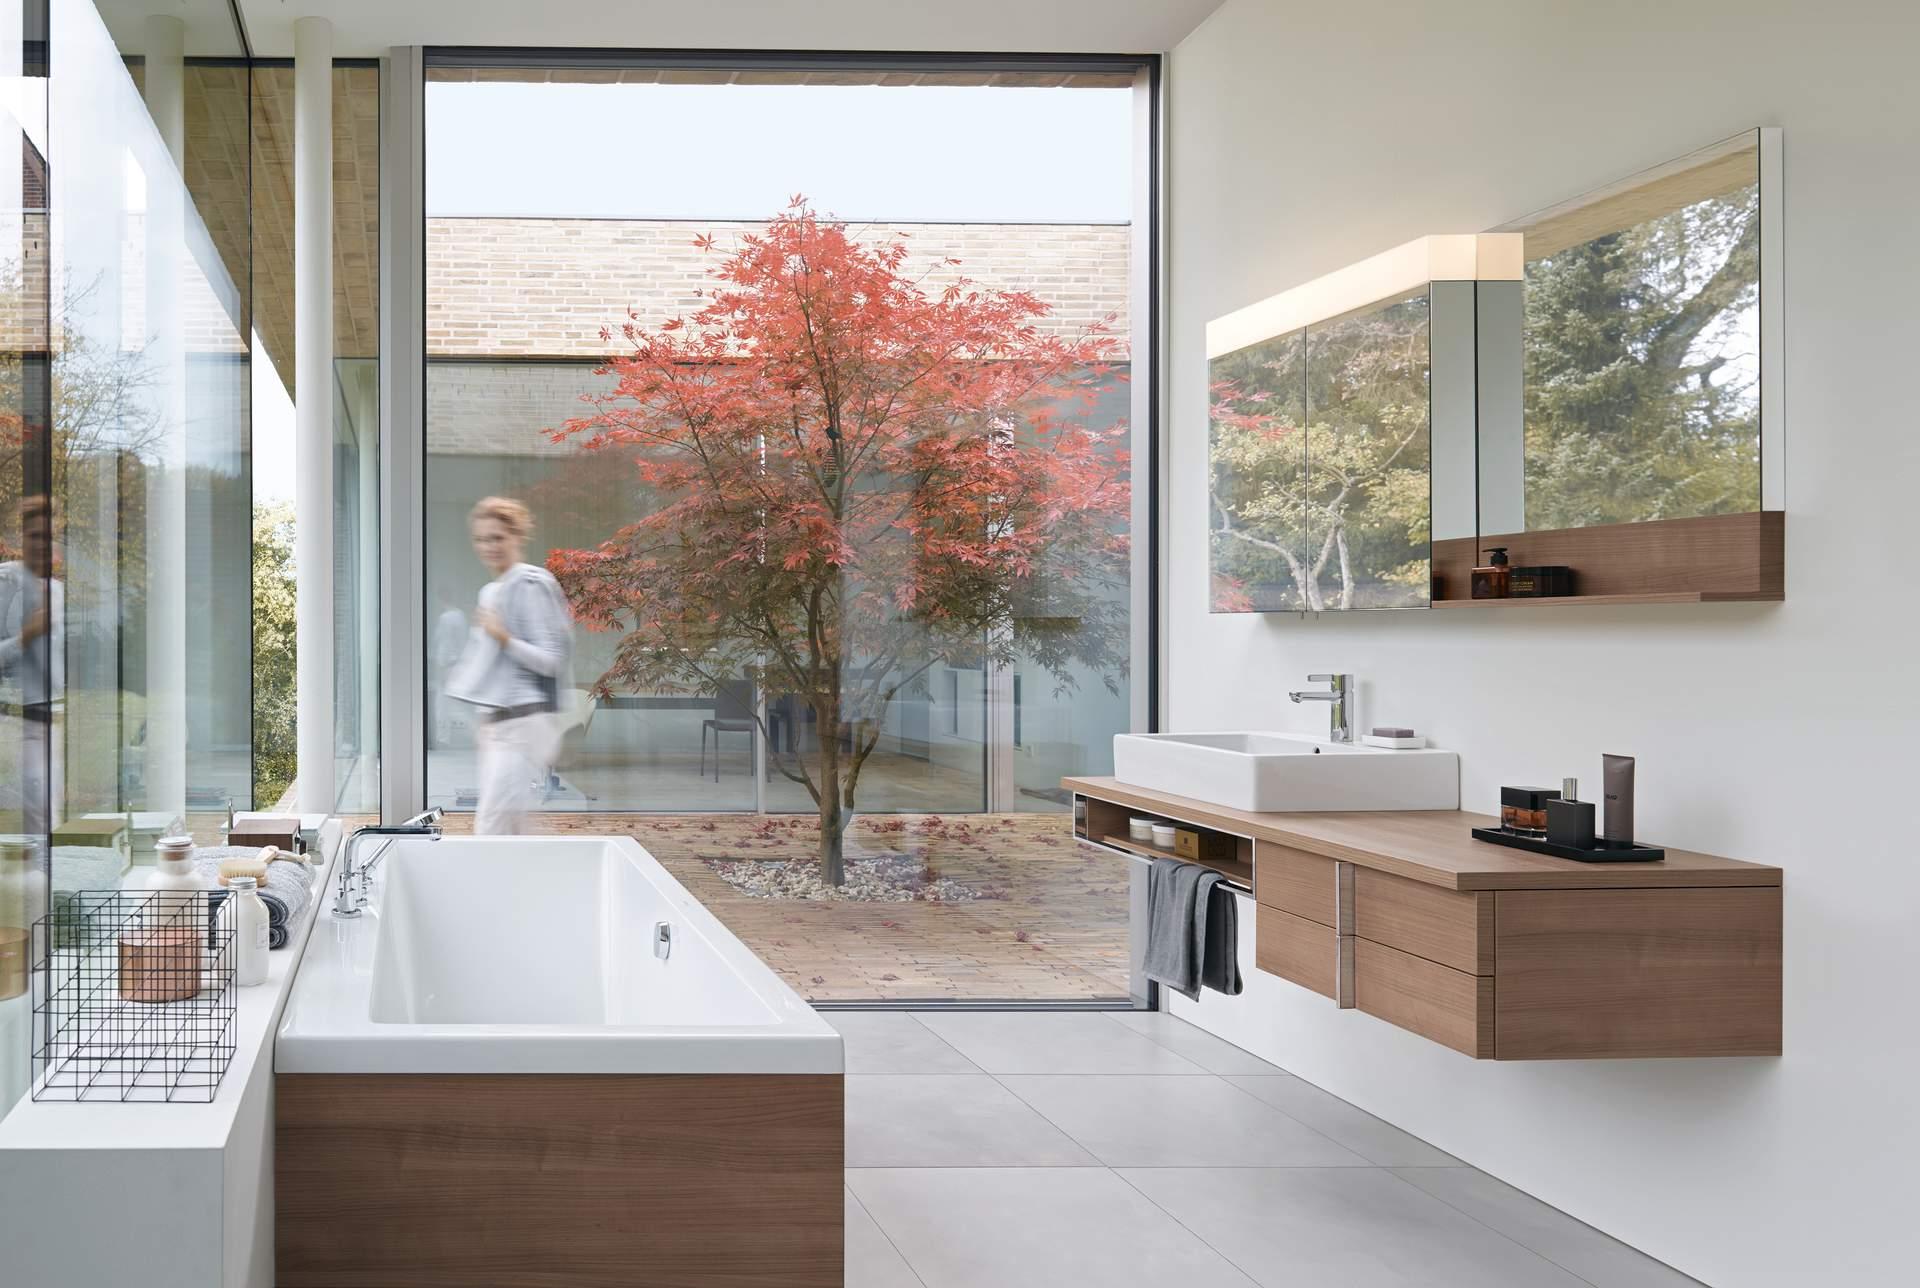 neu.haus ® Waschtischplatte Waschtischkonsole für Aufsatzbecken Schwarz Glanz